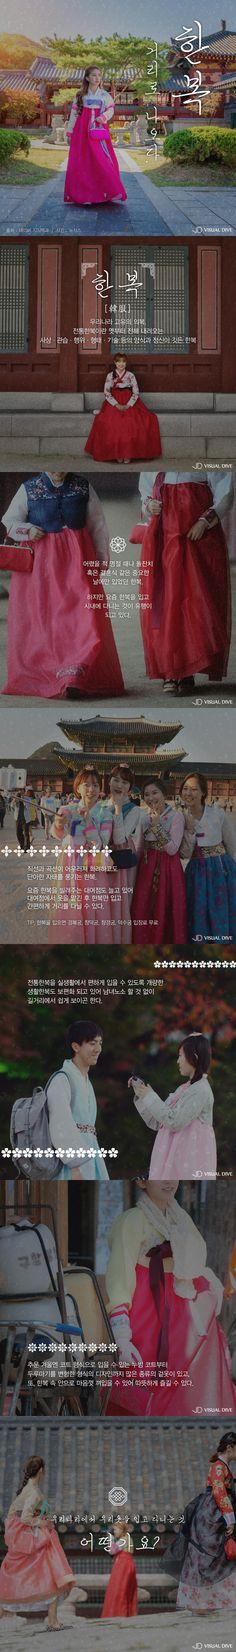 달라진 한복 위상, 대중 삶에 스며들다 [인포그래픽] #Hanbok/ #Infographic ⓒ 비주얼다이브 무단 복사·전재·재배포 금지